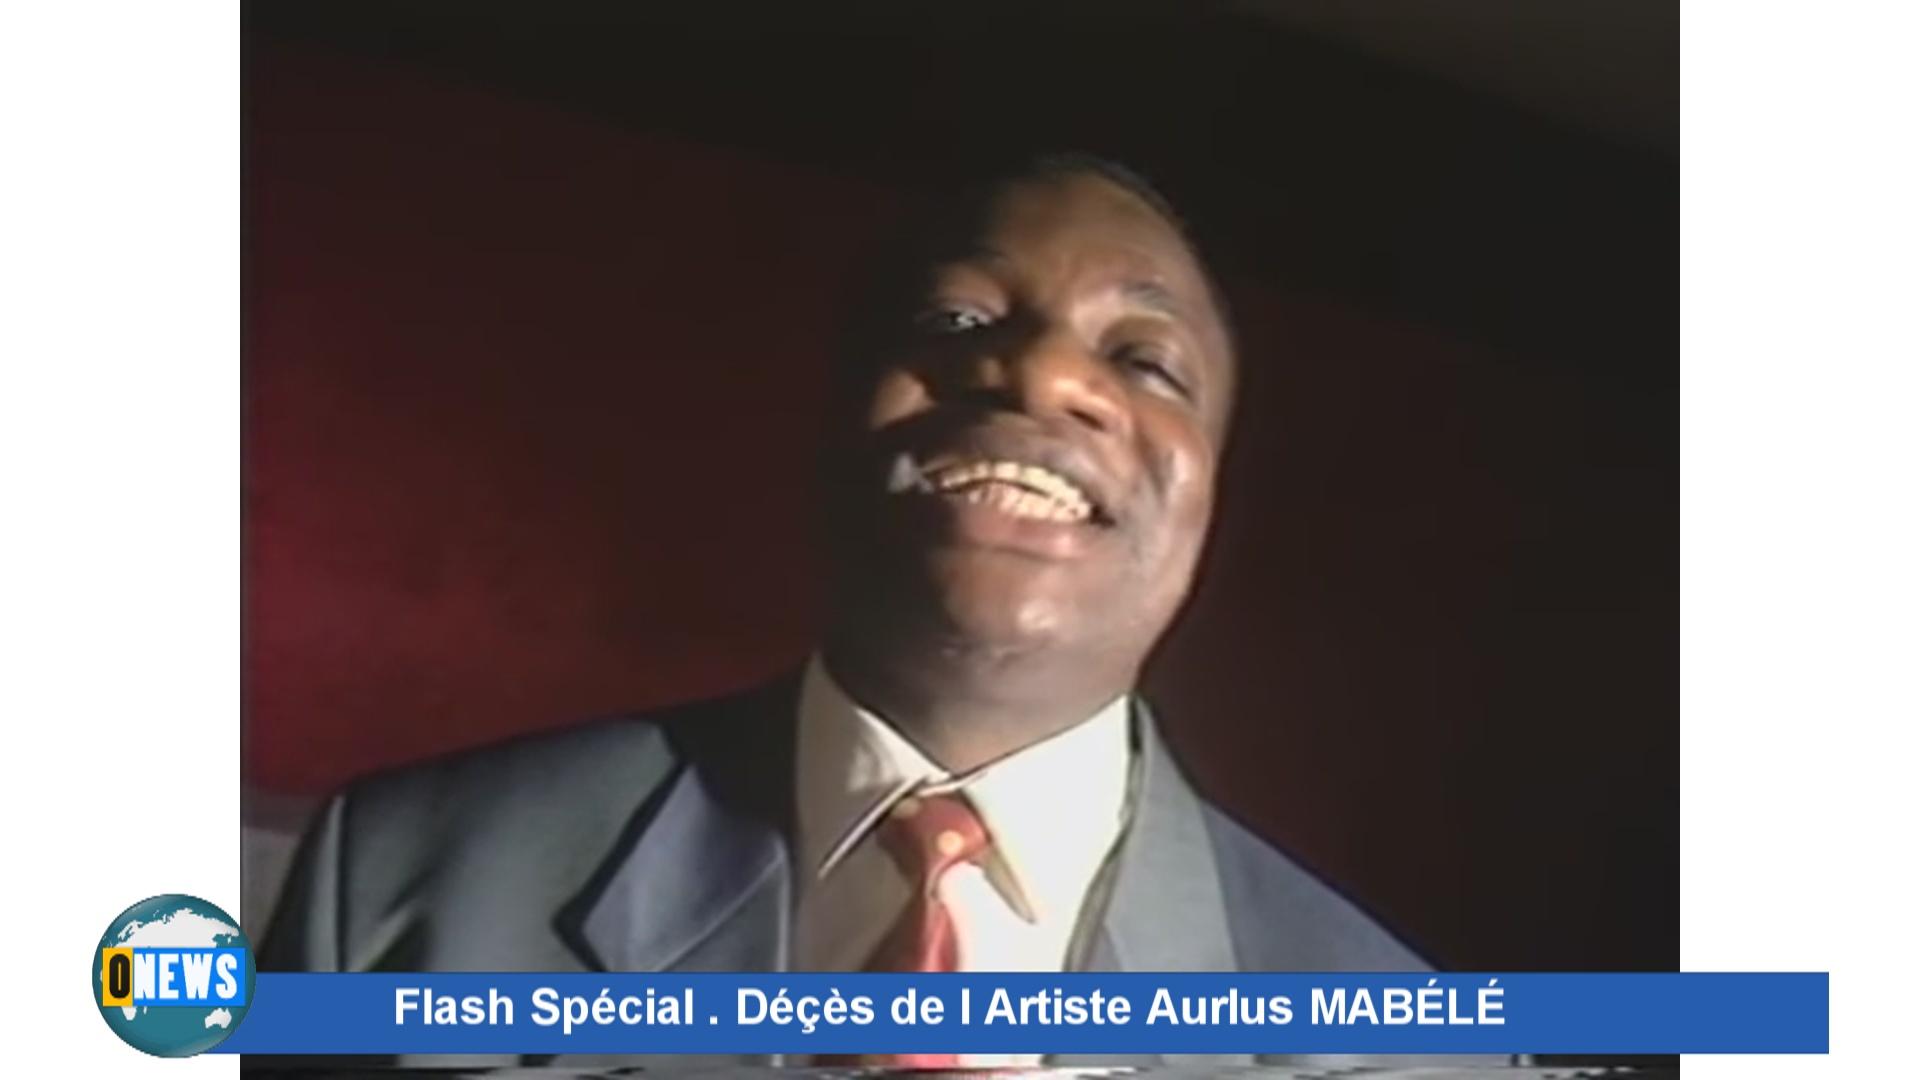 [Vidéo] Onews. Flash Spécial Déçès de l Artiste Aurlus MABÉLÉ